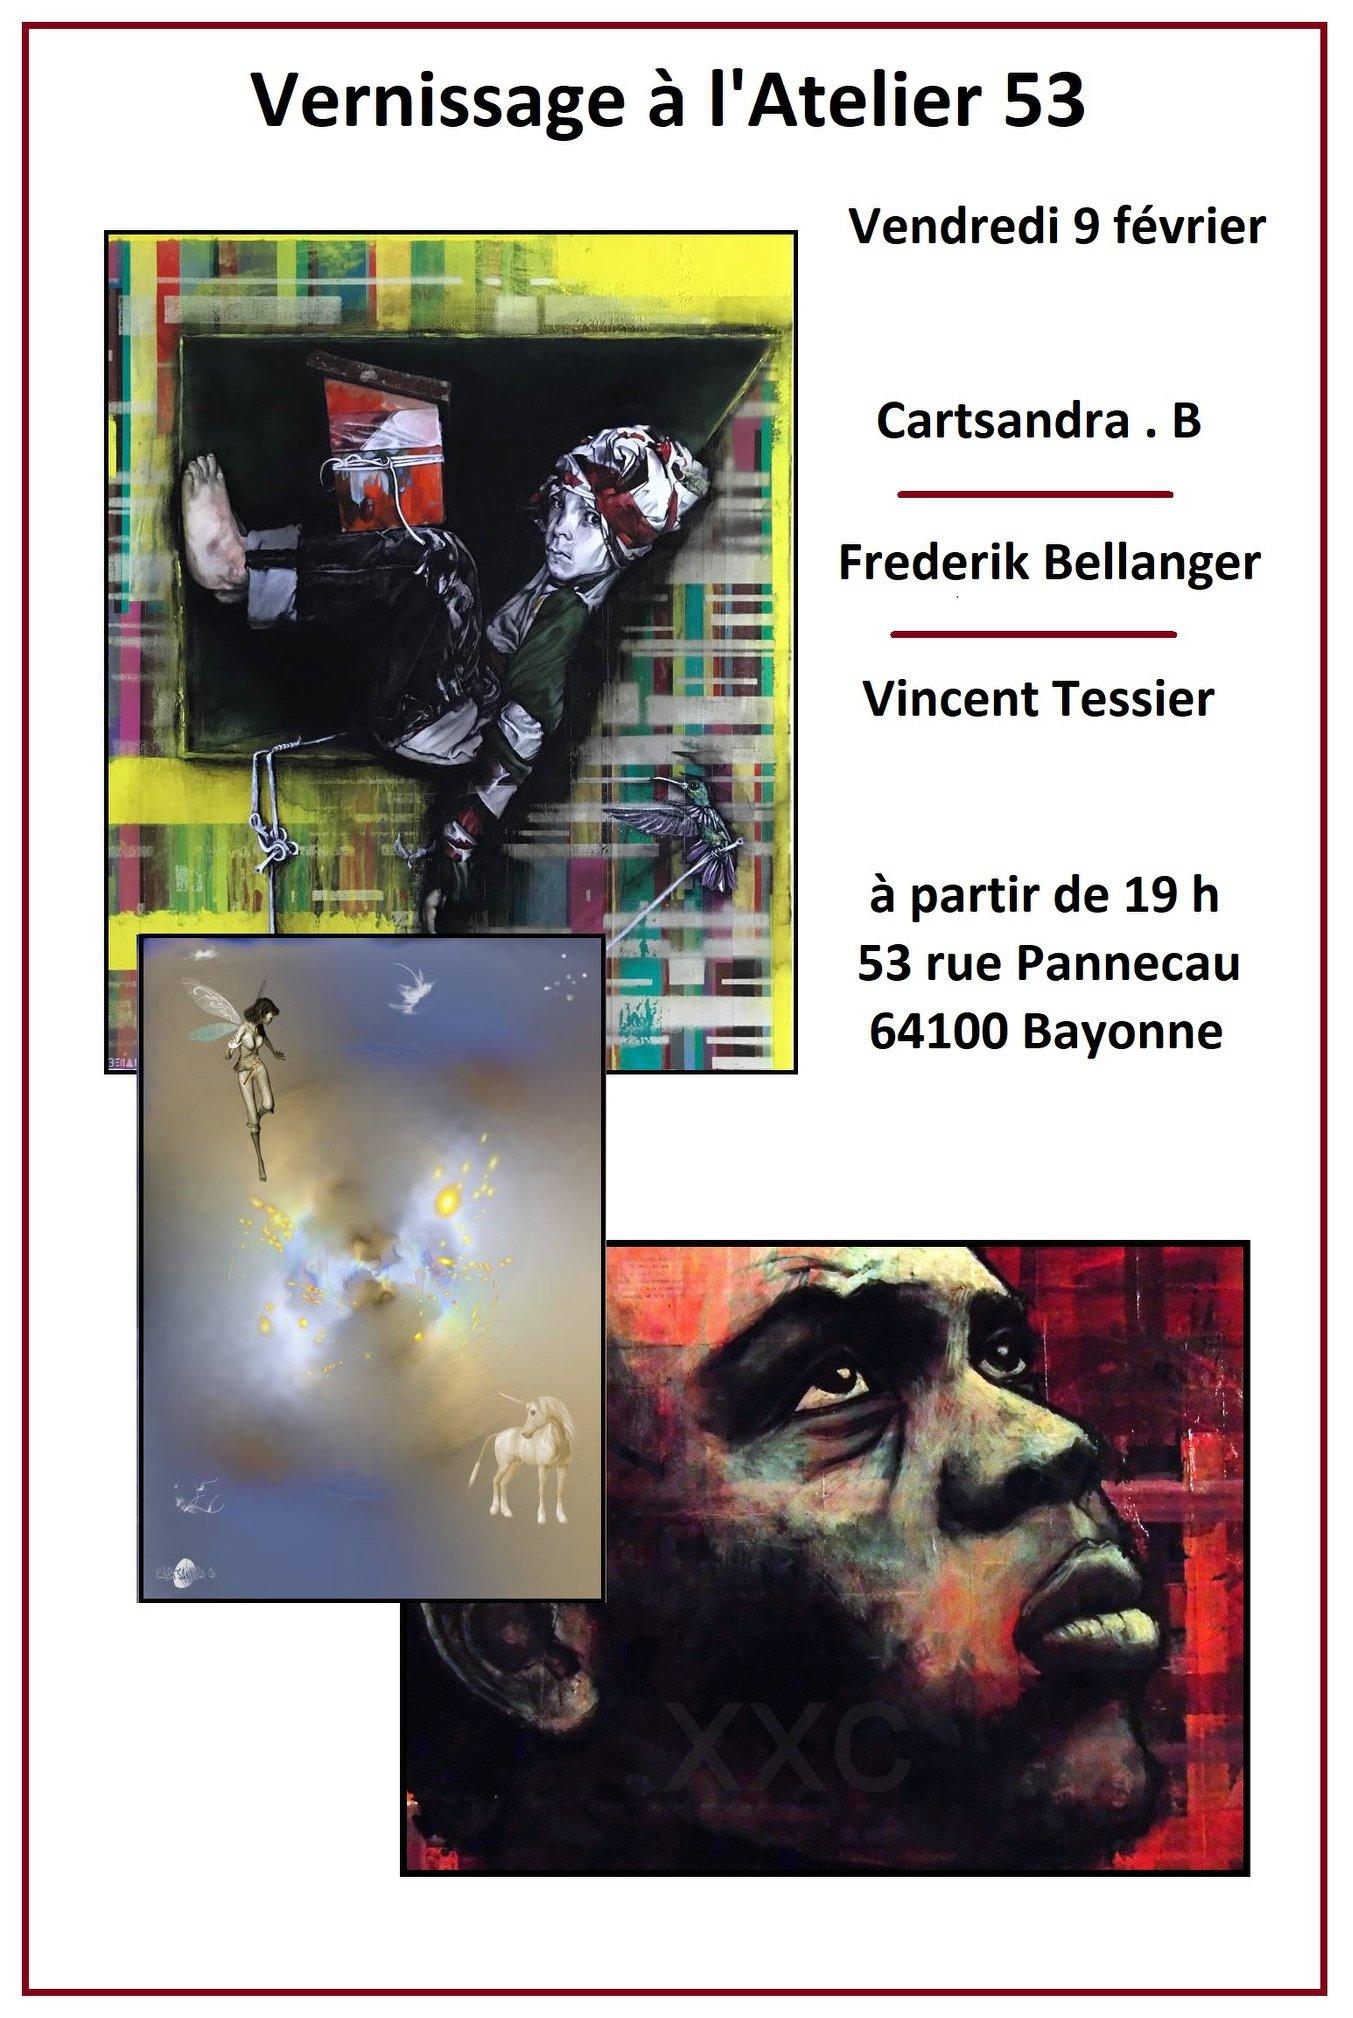 Expostition à la galerie Atelier 53